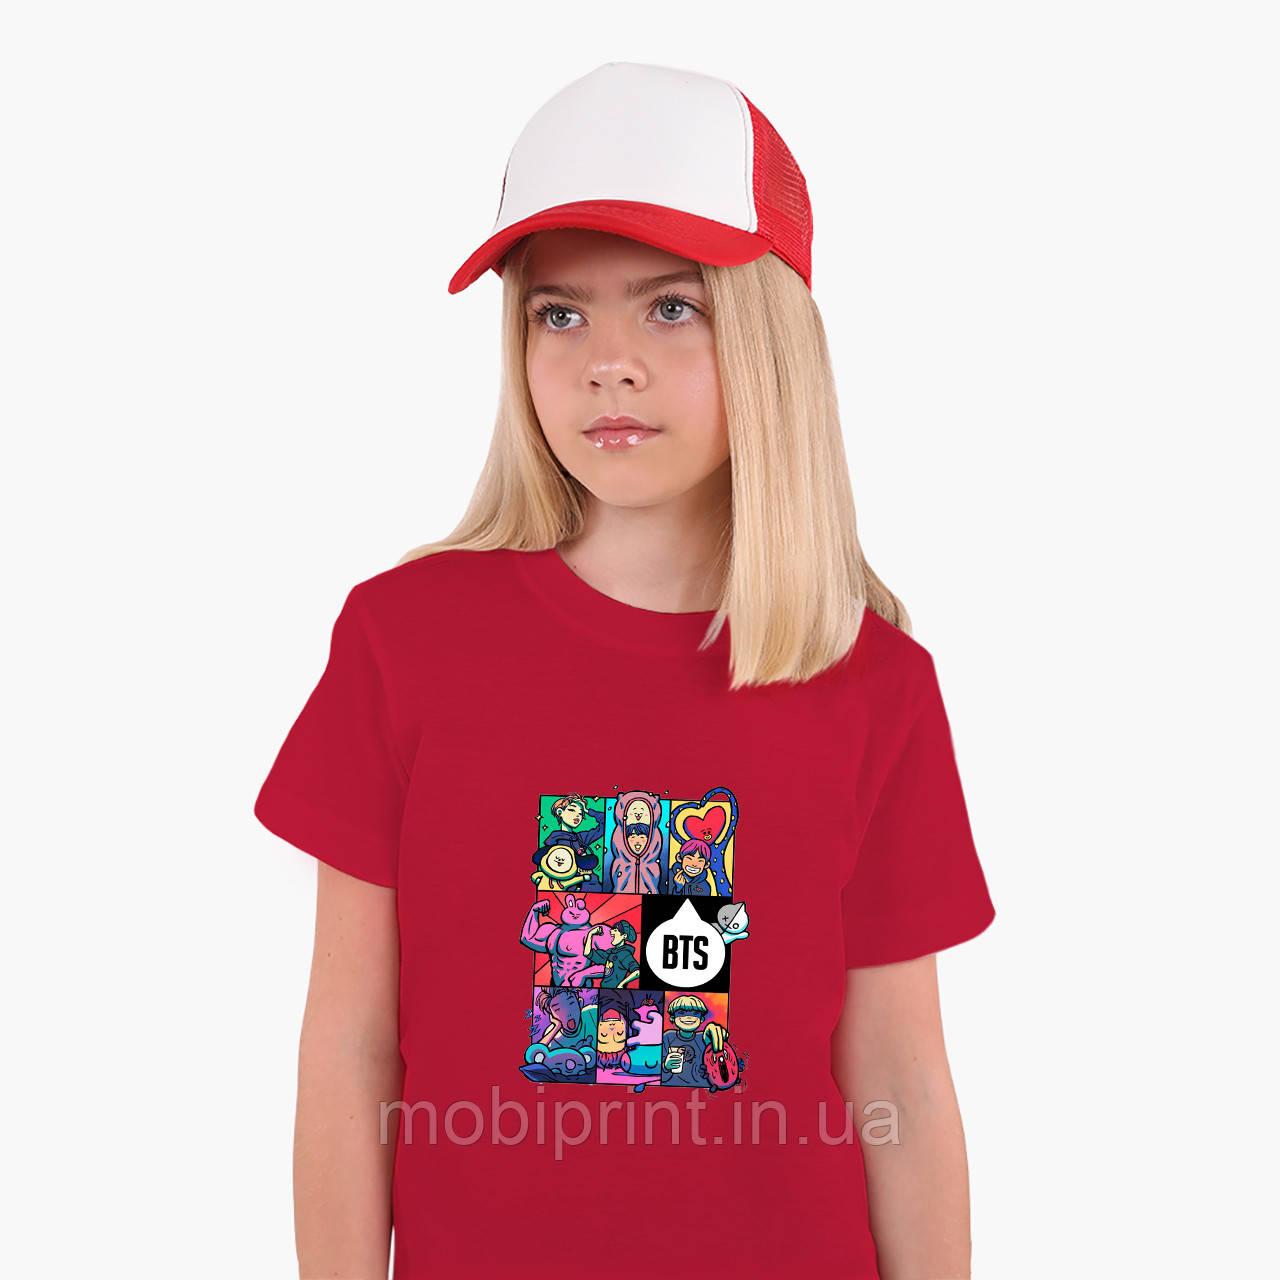 Детская футболка для девочек БТС (BTS) (25186-1078) Красный